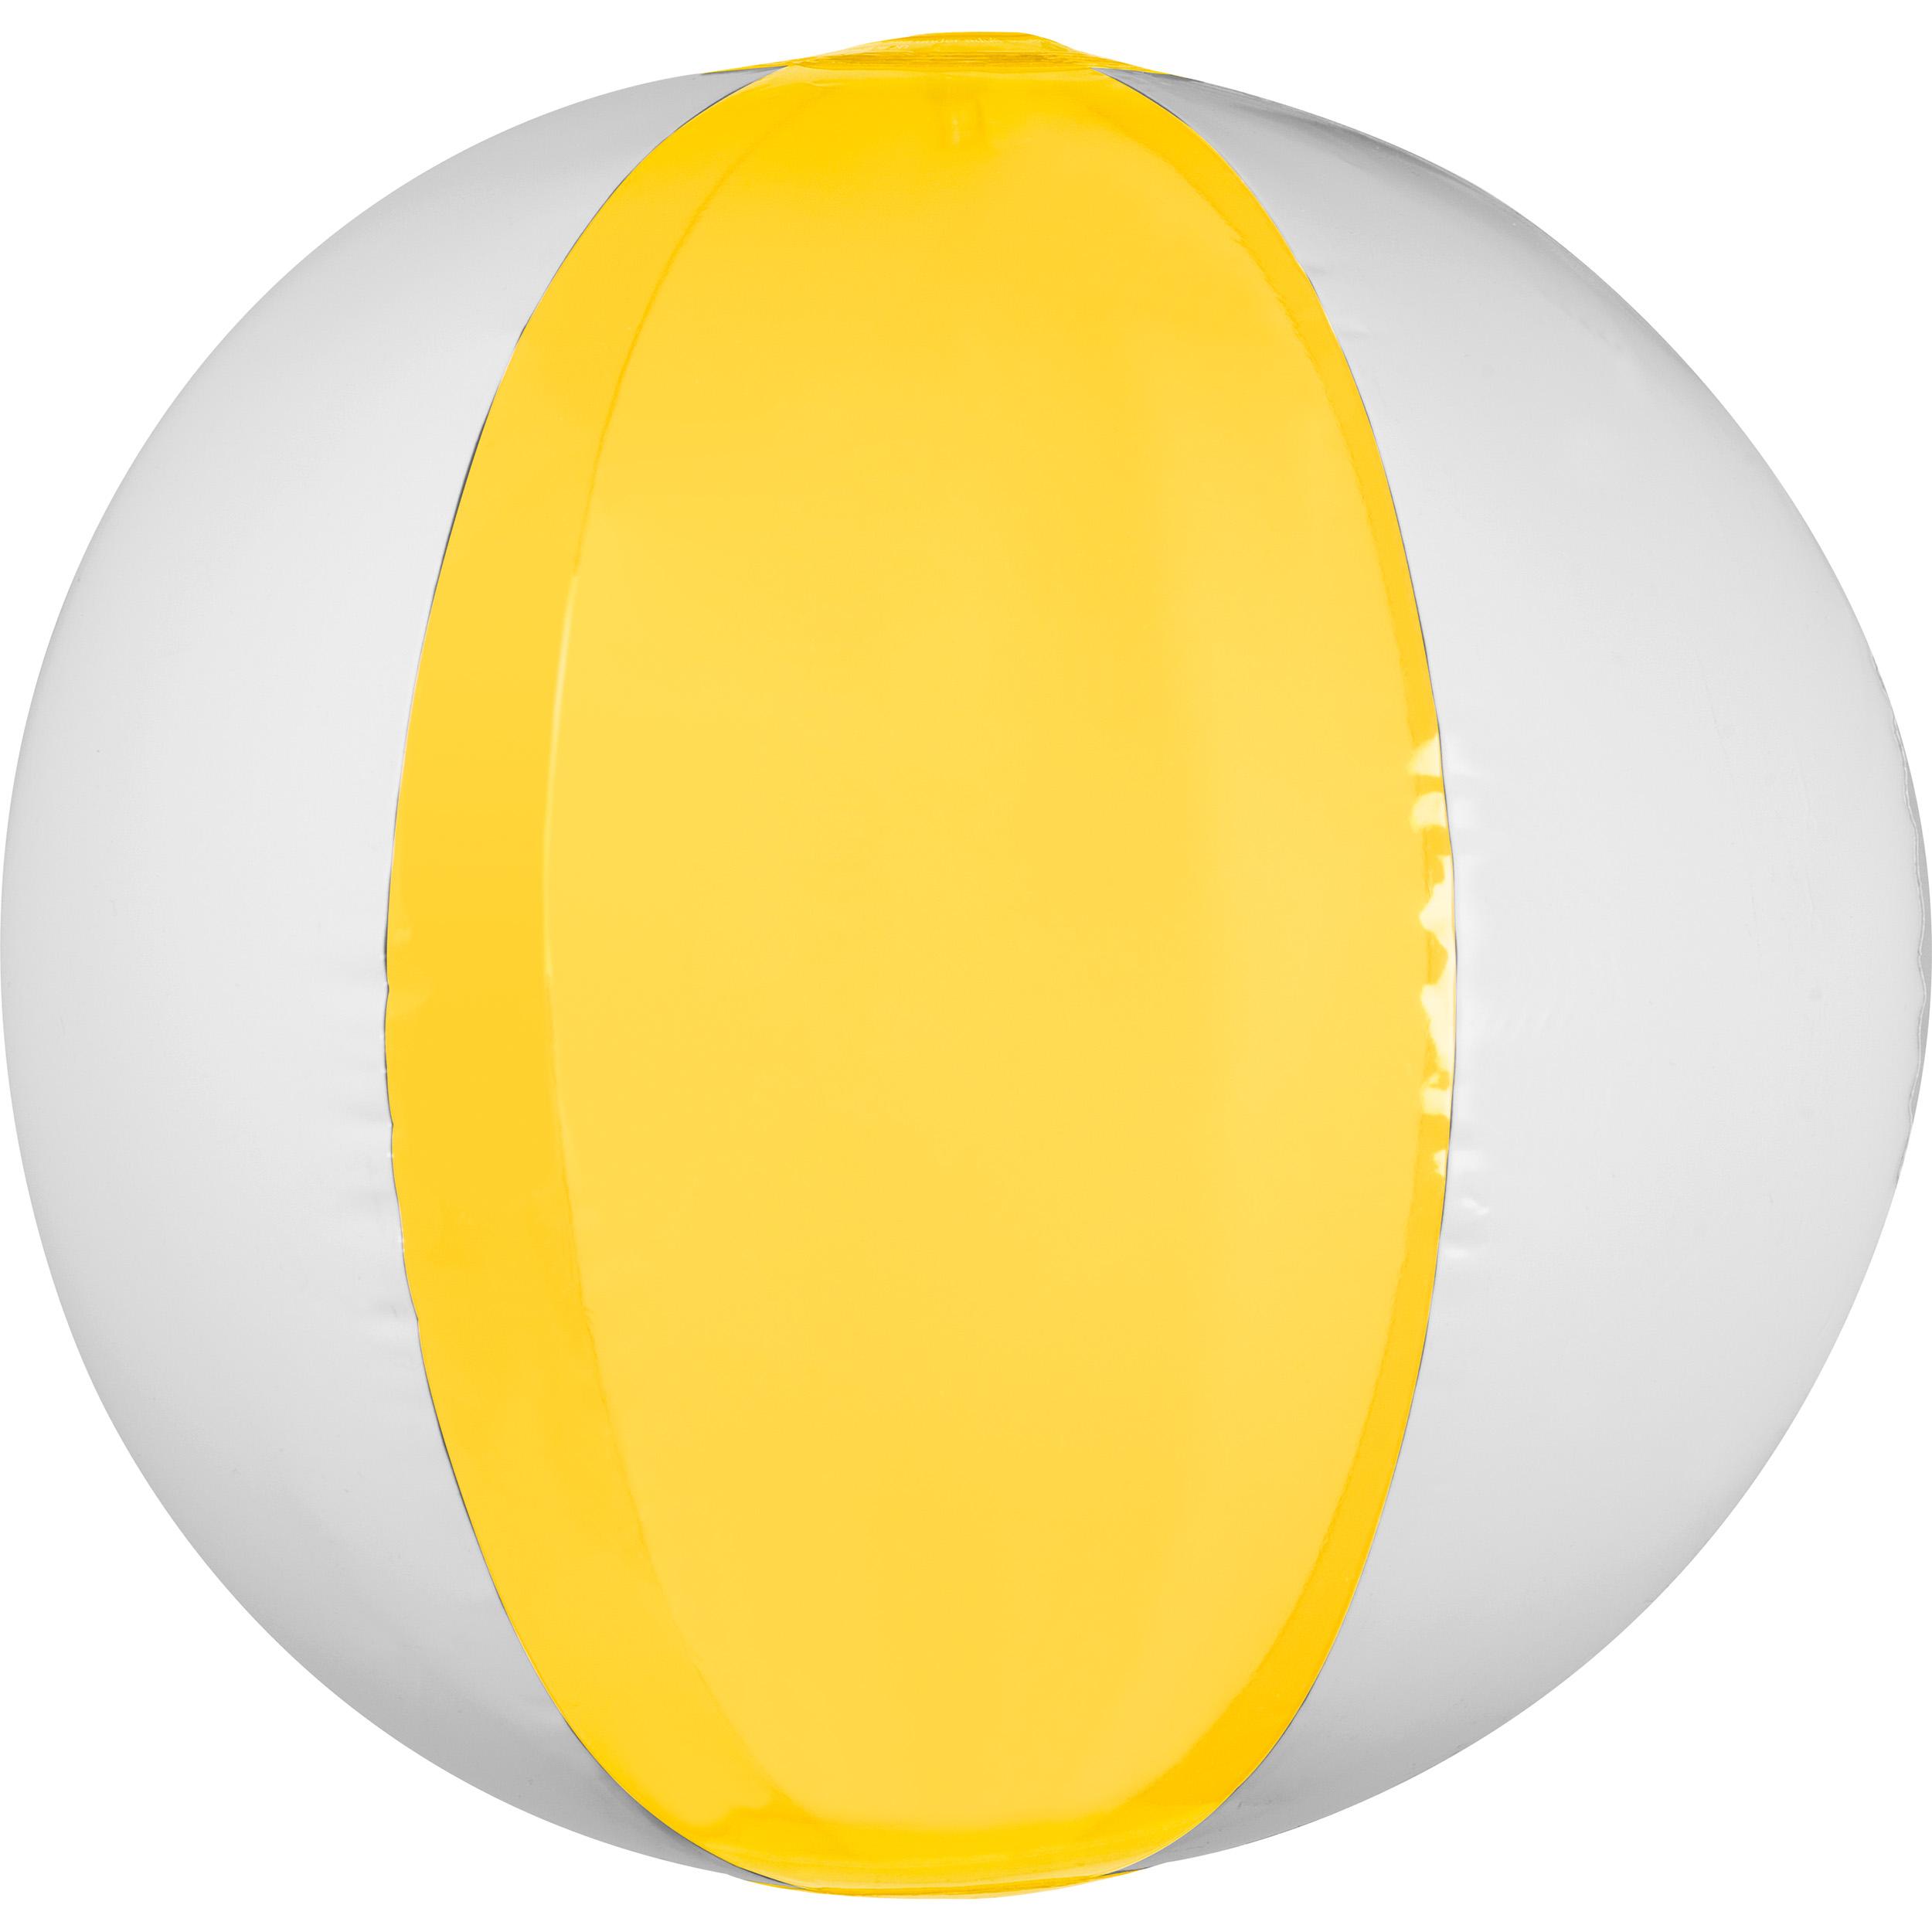 Bicolor beach ball